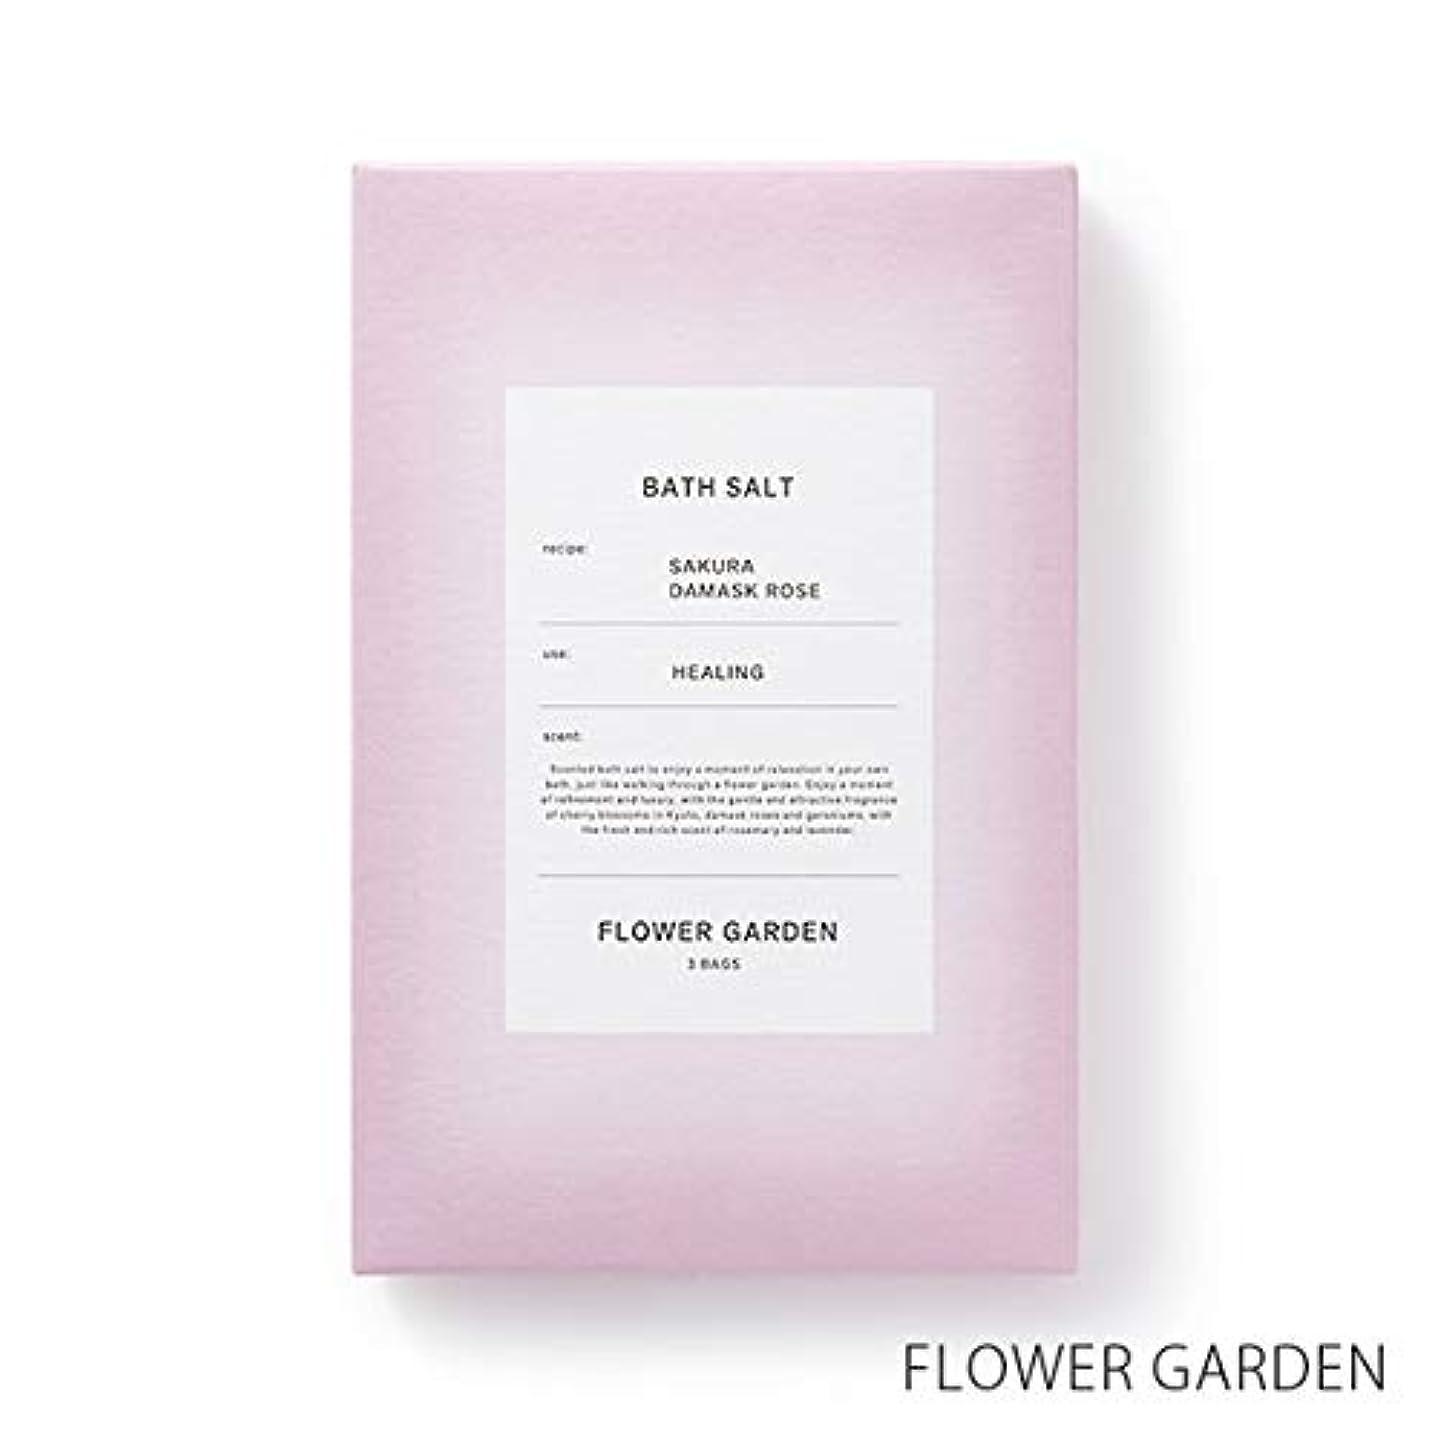 虚偽経度平和的【薫玉堂】 バスソルト FLOWER GARDEN 花の庭 ピンク 和 桜の香り